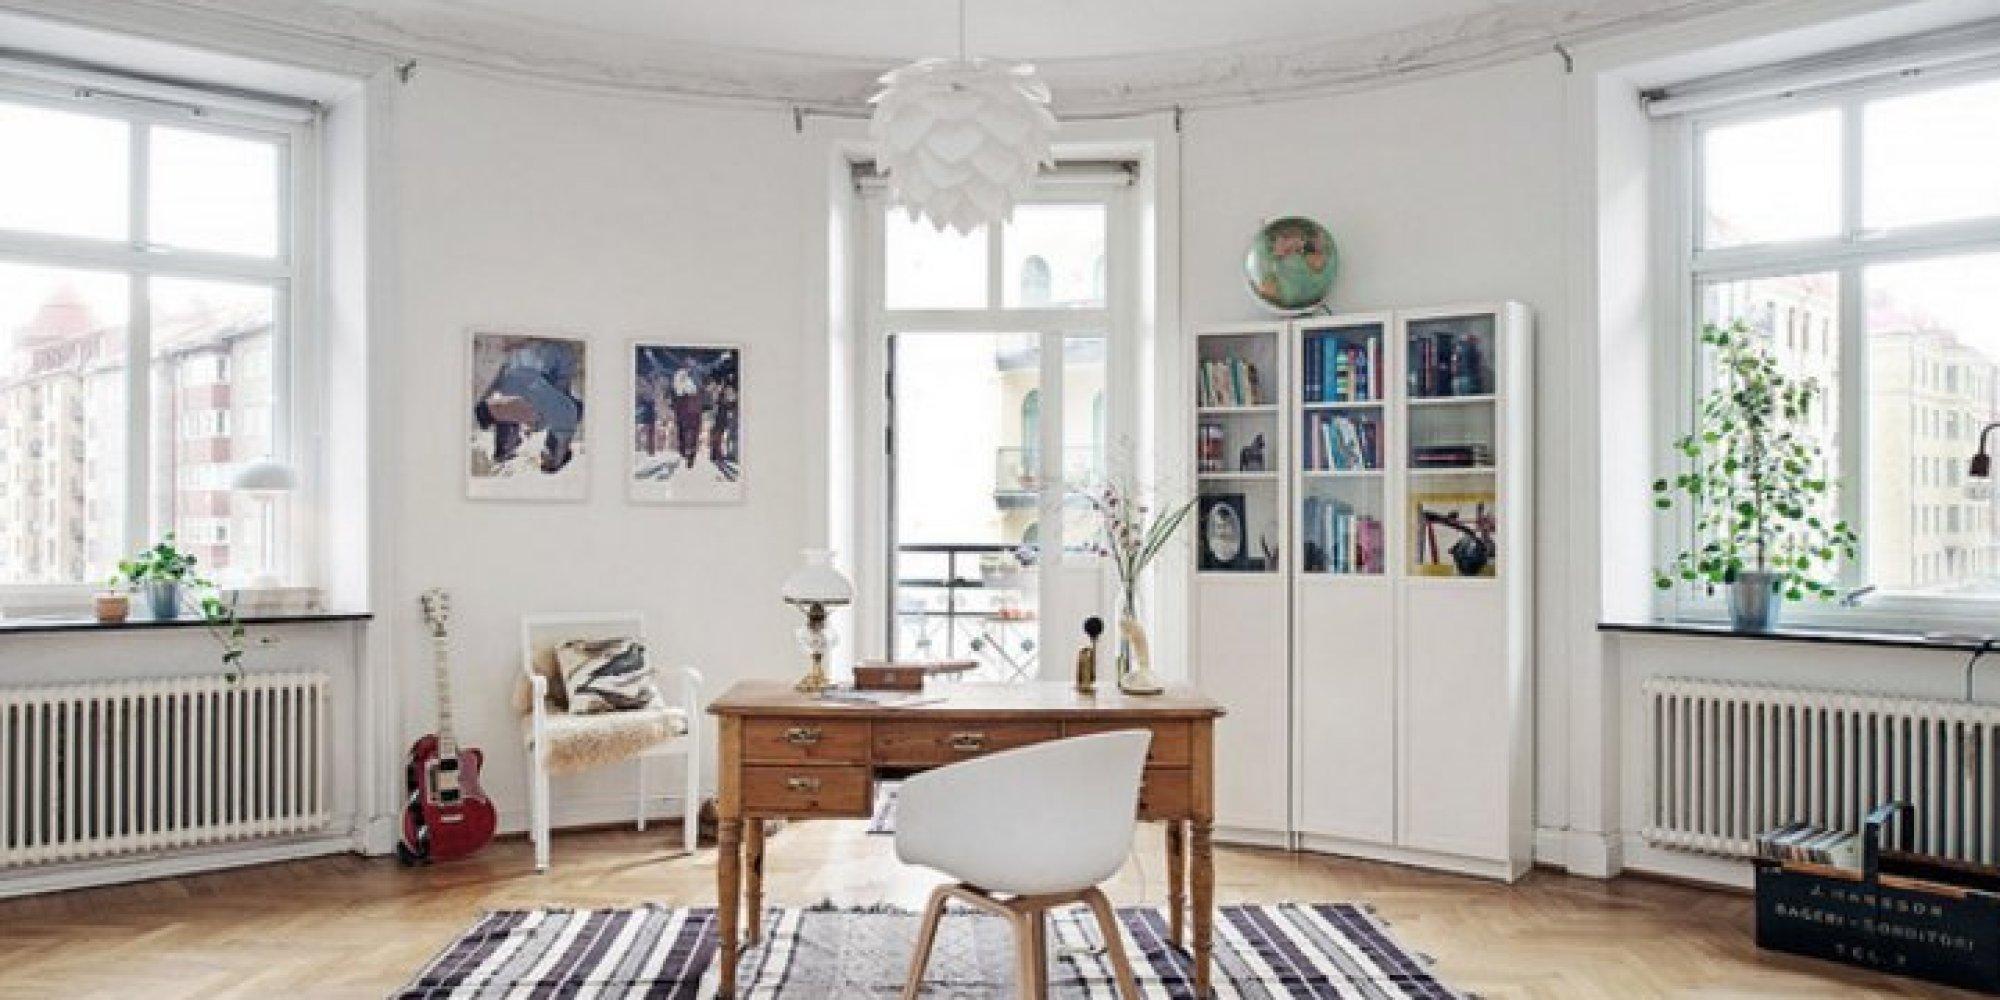 Decoraci n 10 trucos para aportar un toque n rdico a tu casa - Estilo nordico decoracion ...